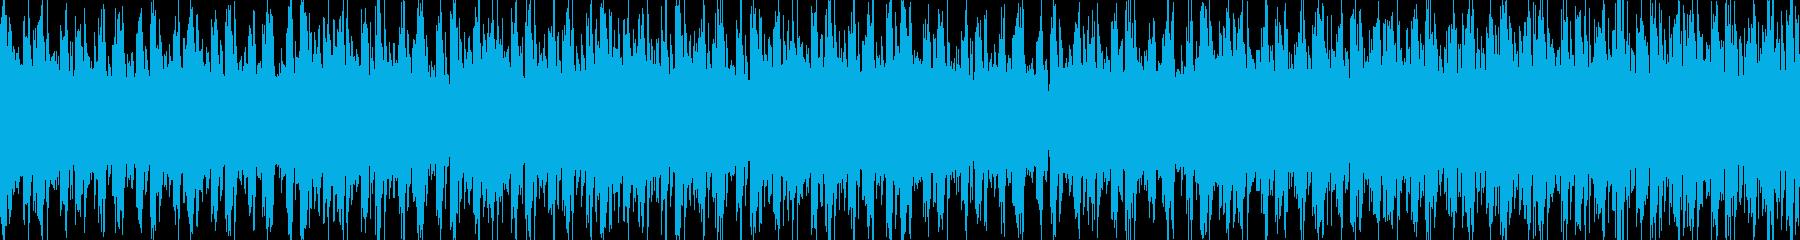 【ループ可】フュージョンなドラムンベースの再生済みの波形